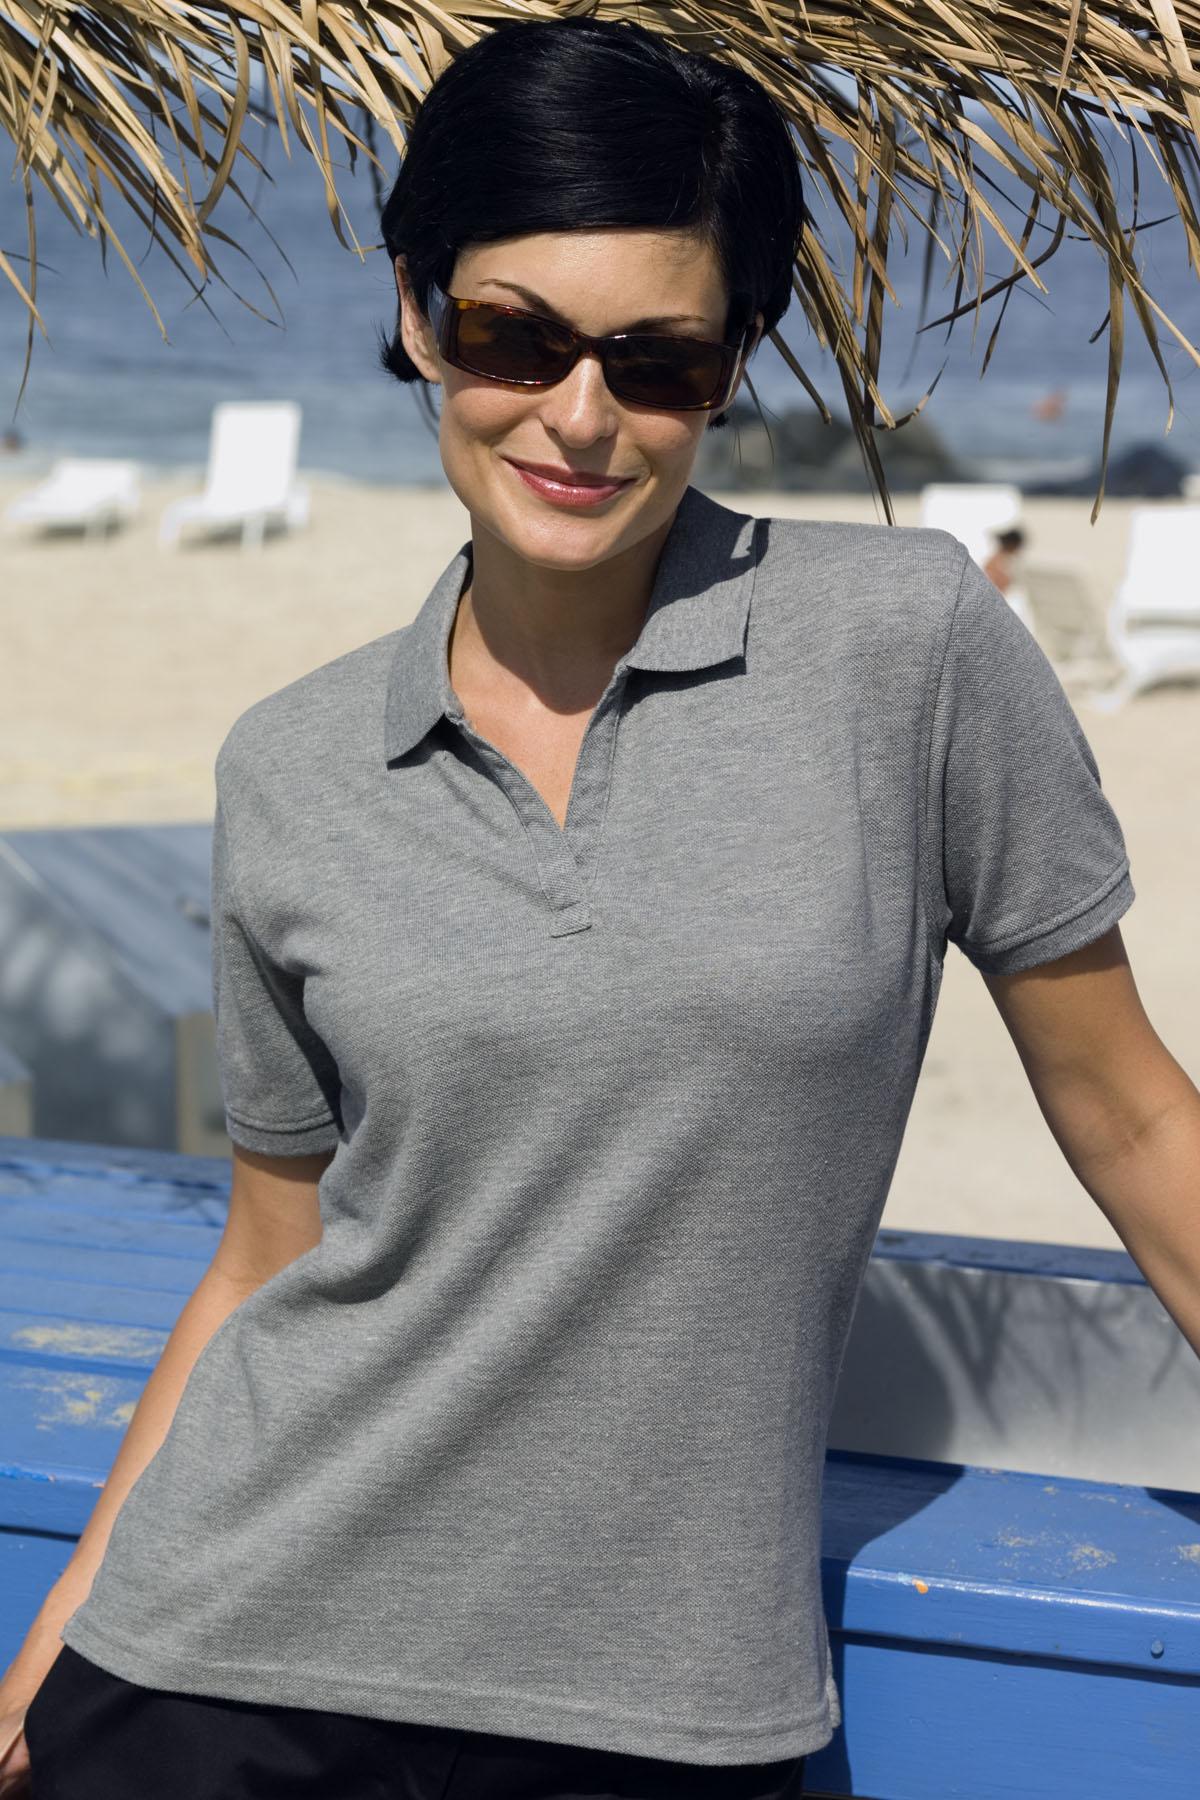 Velocity 2251 - Women's Repel & Release Pique Polo